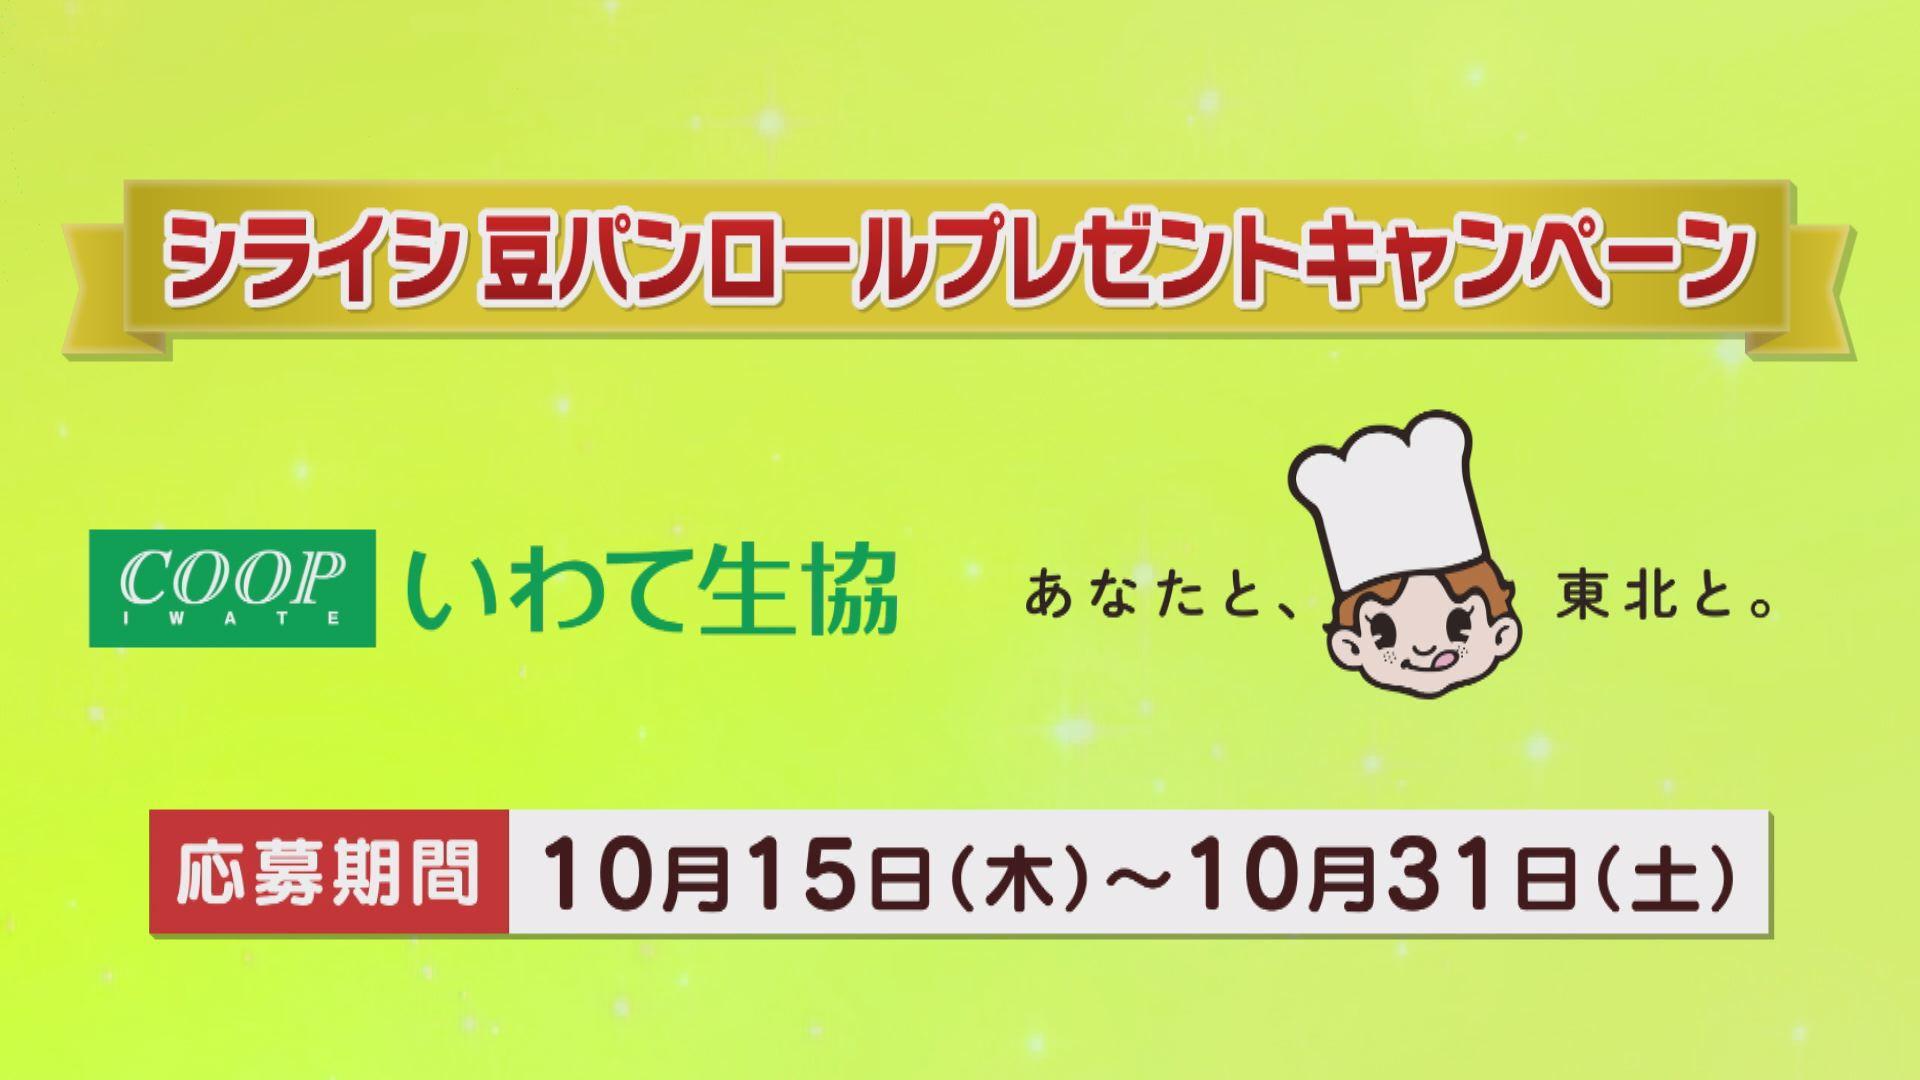 シライシ豆パンロールプレゼントキャンペーン